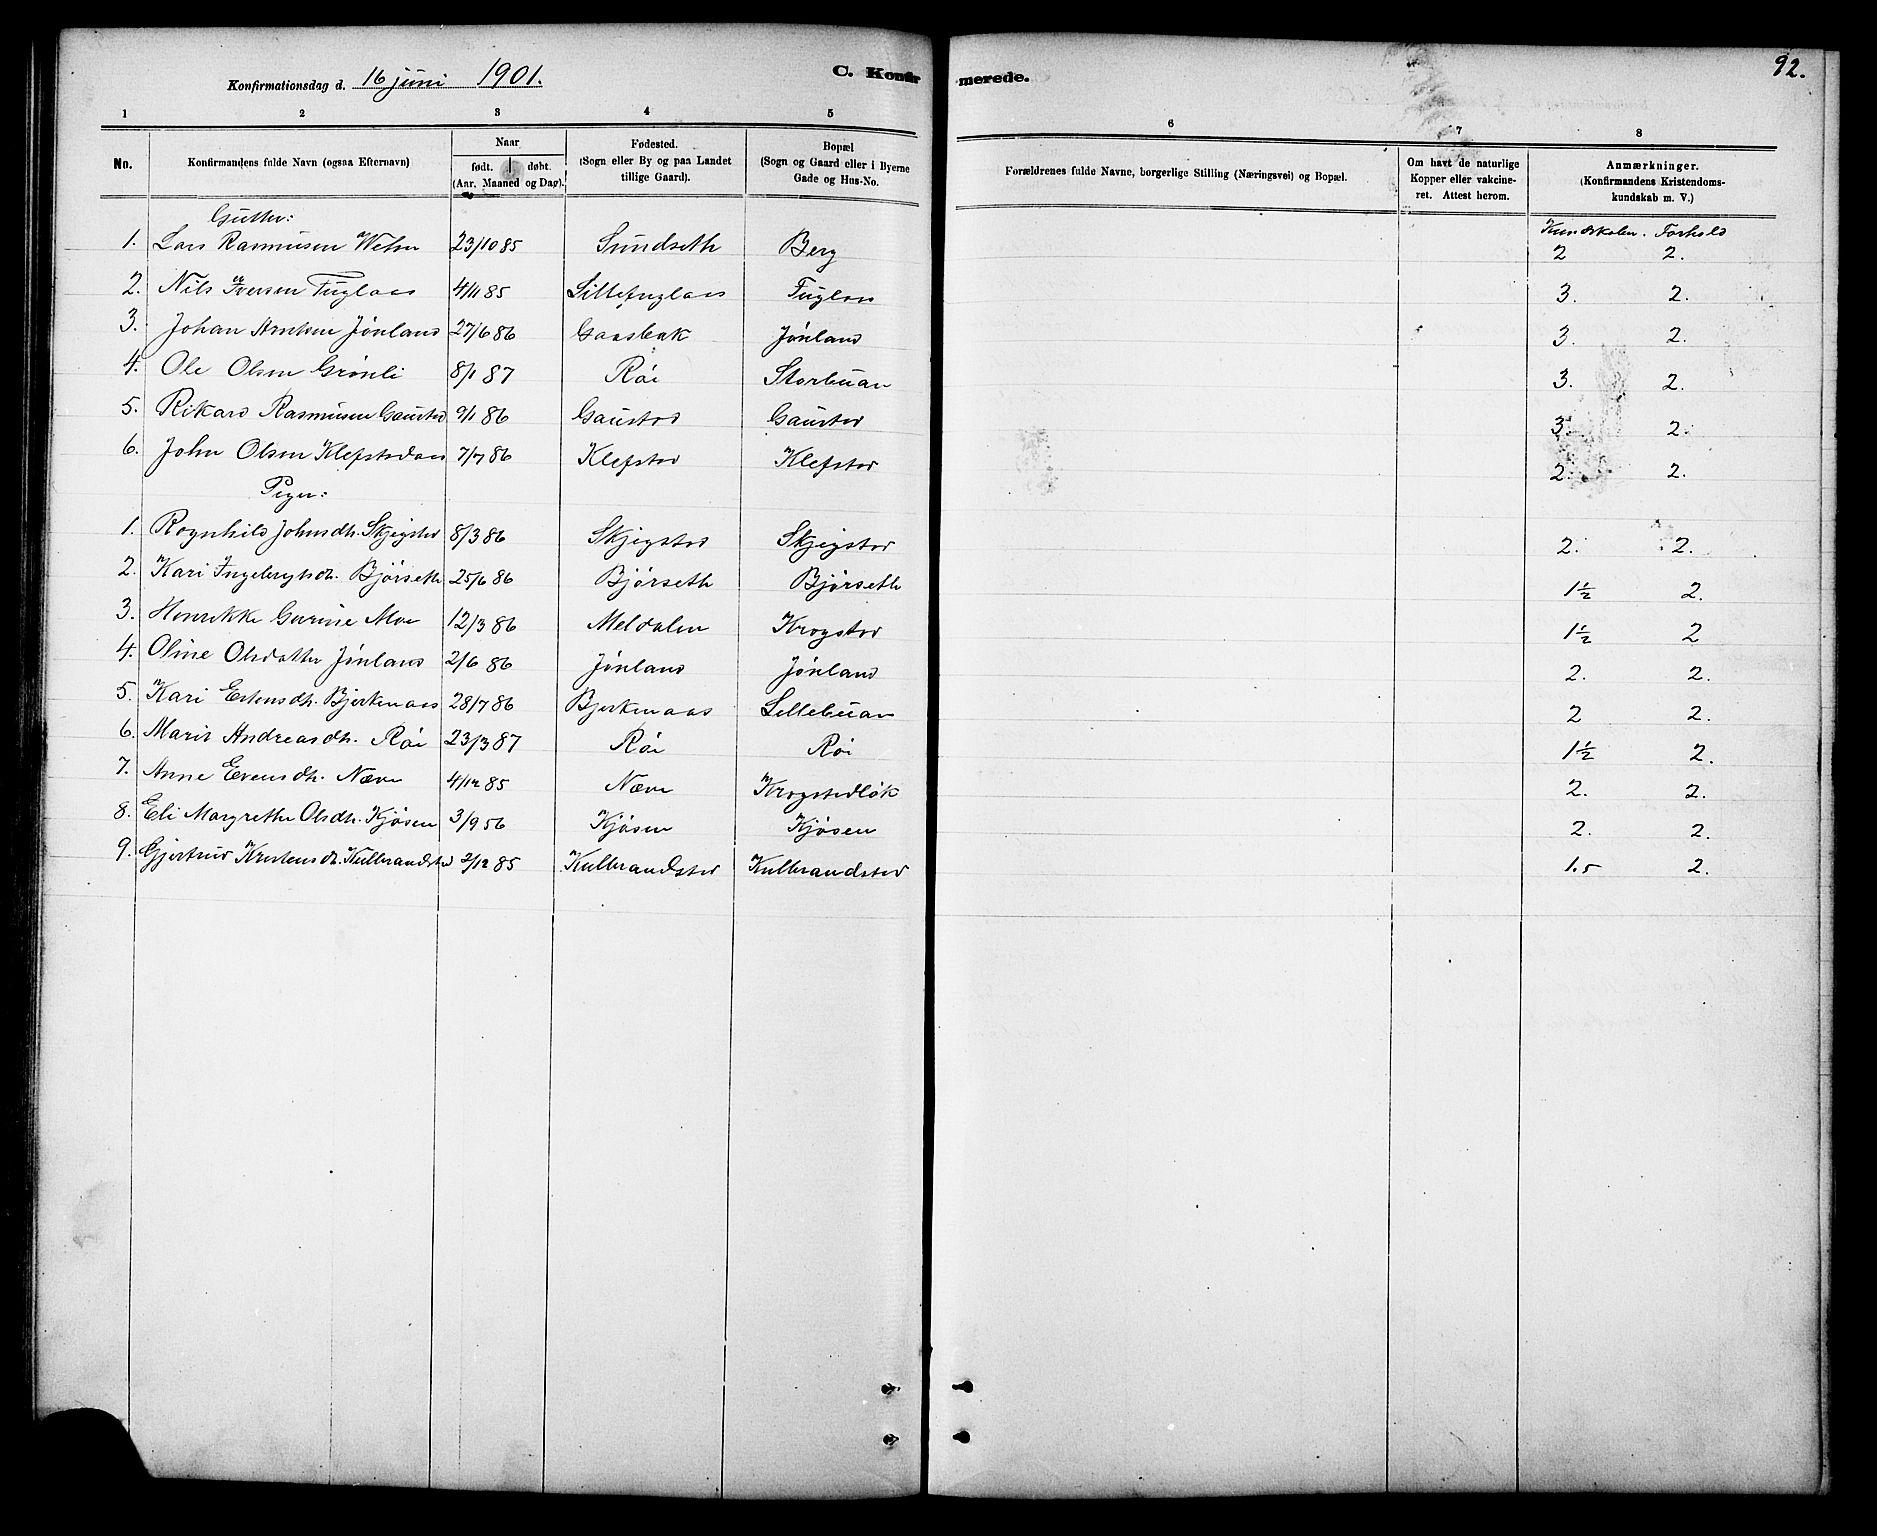 SAT, Ministerialprotokoller, klokkerbøker og fødselsregistre - Sør-Trøndelag, 694/L1132: Klokkerbok nr. 694C04, 1887-1914, s. 92